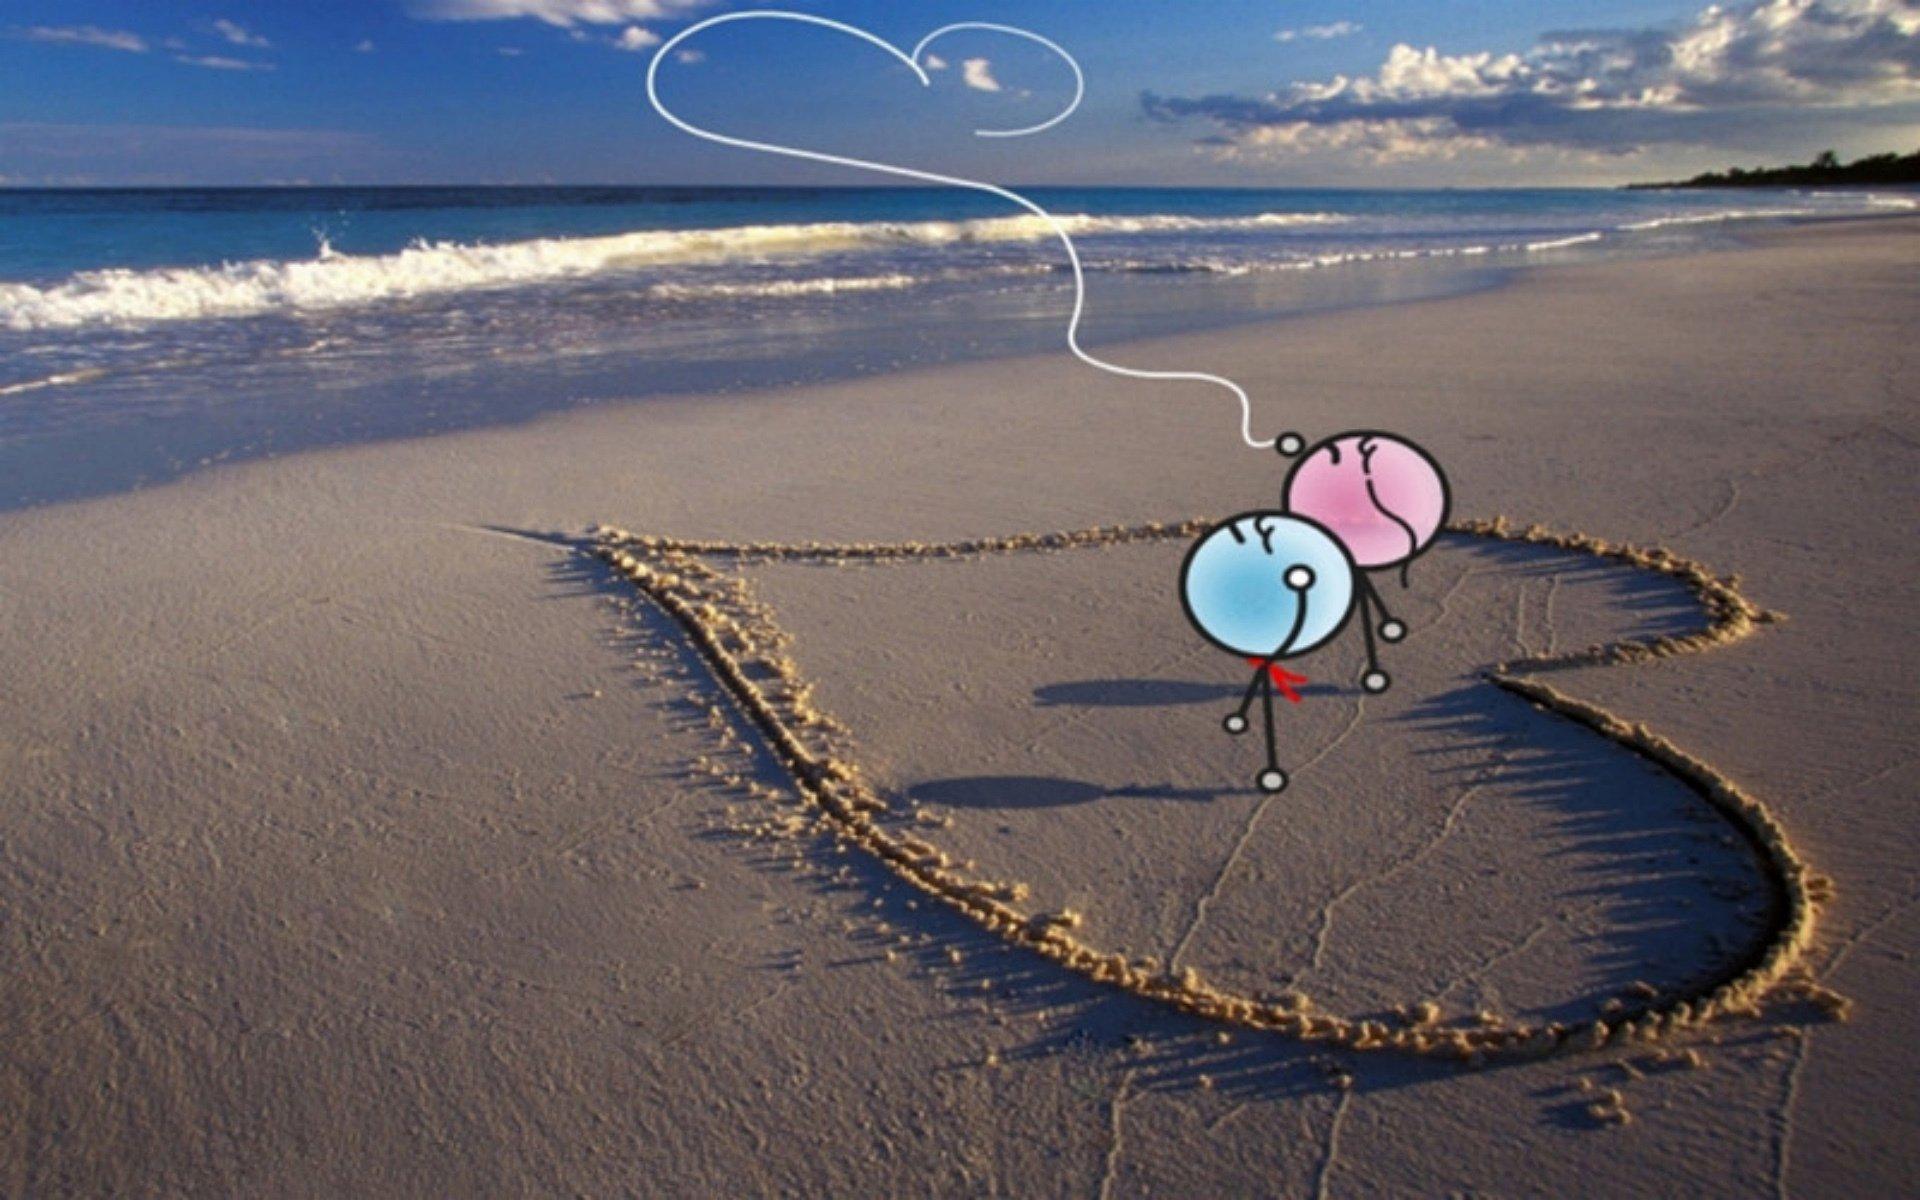 爱情美图,心动创意,爱心,心形,告白